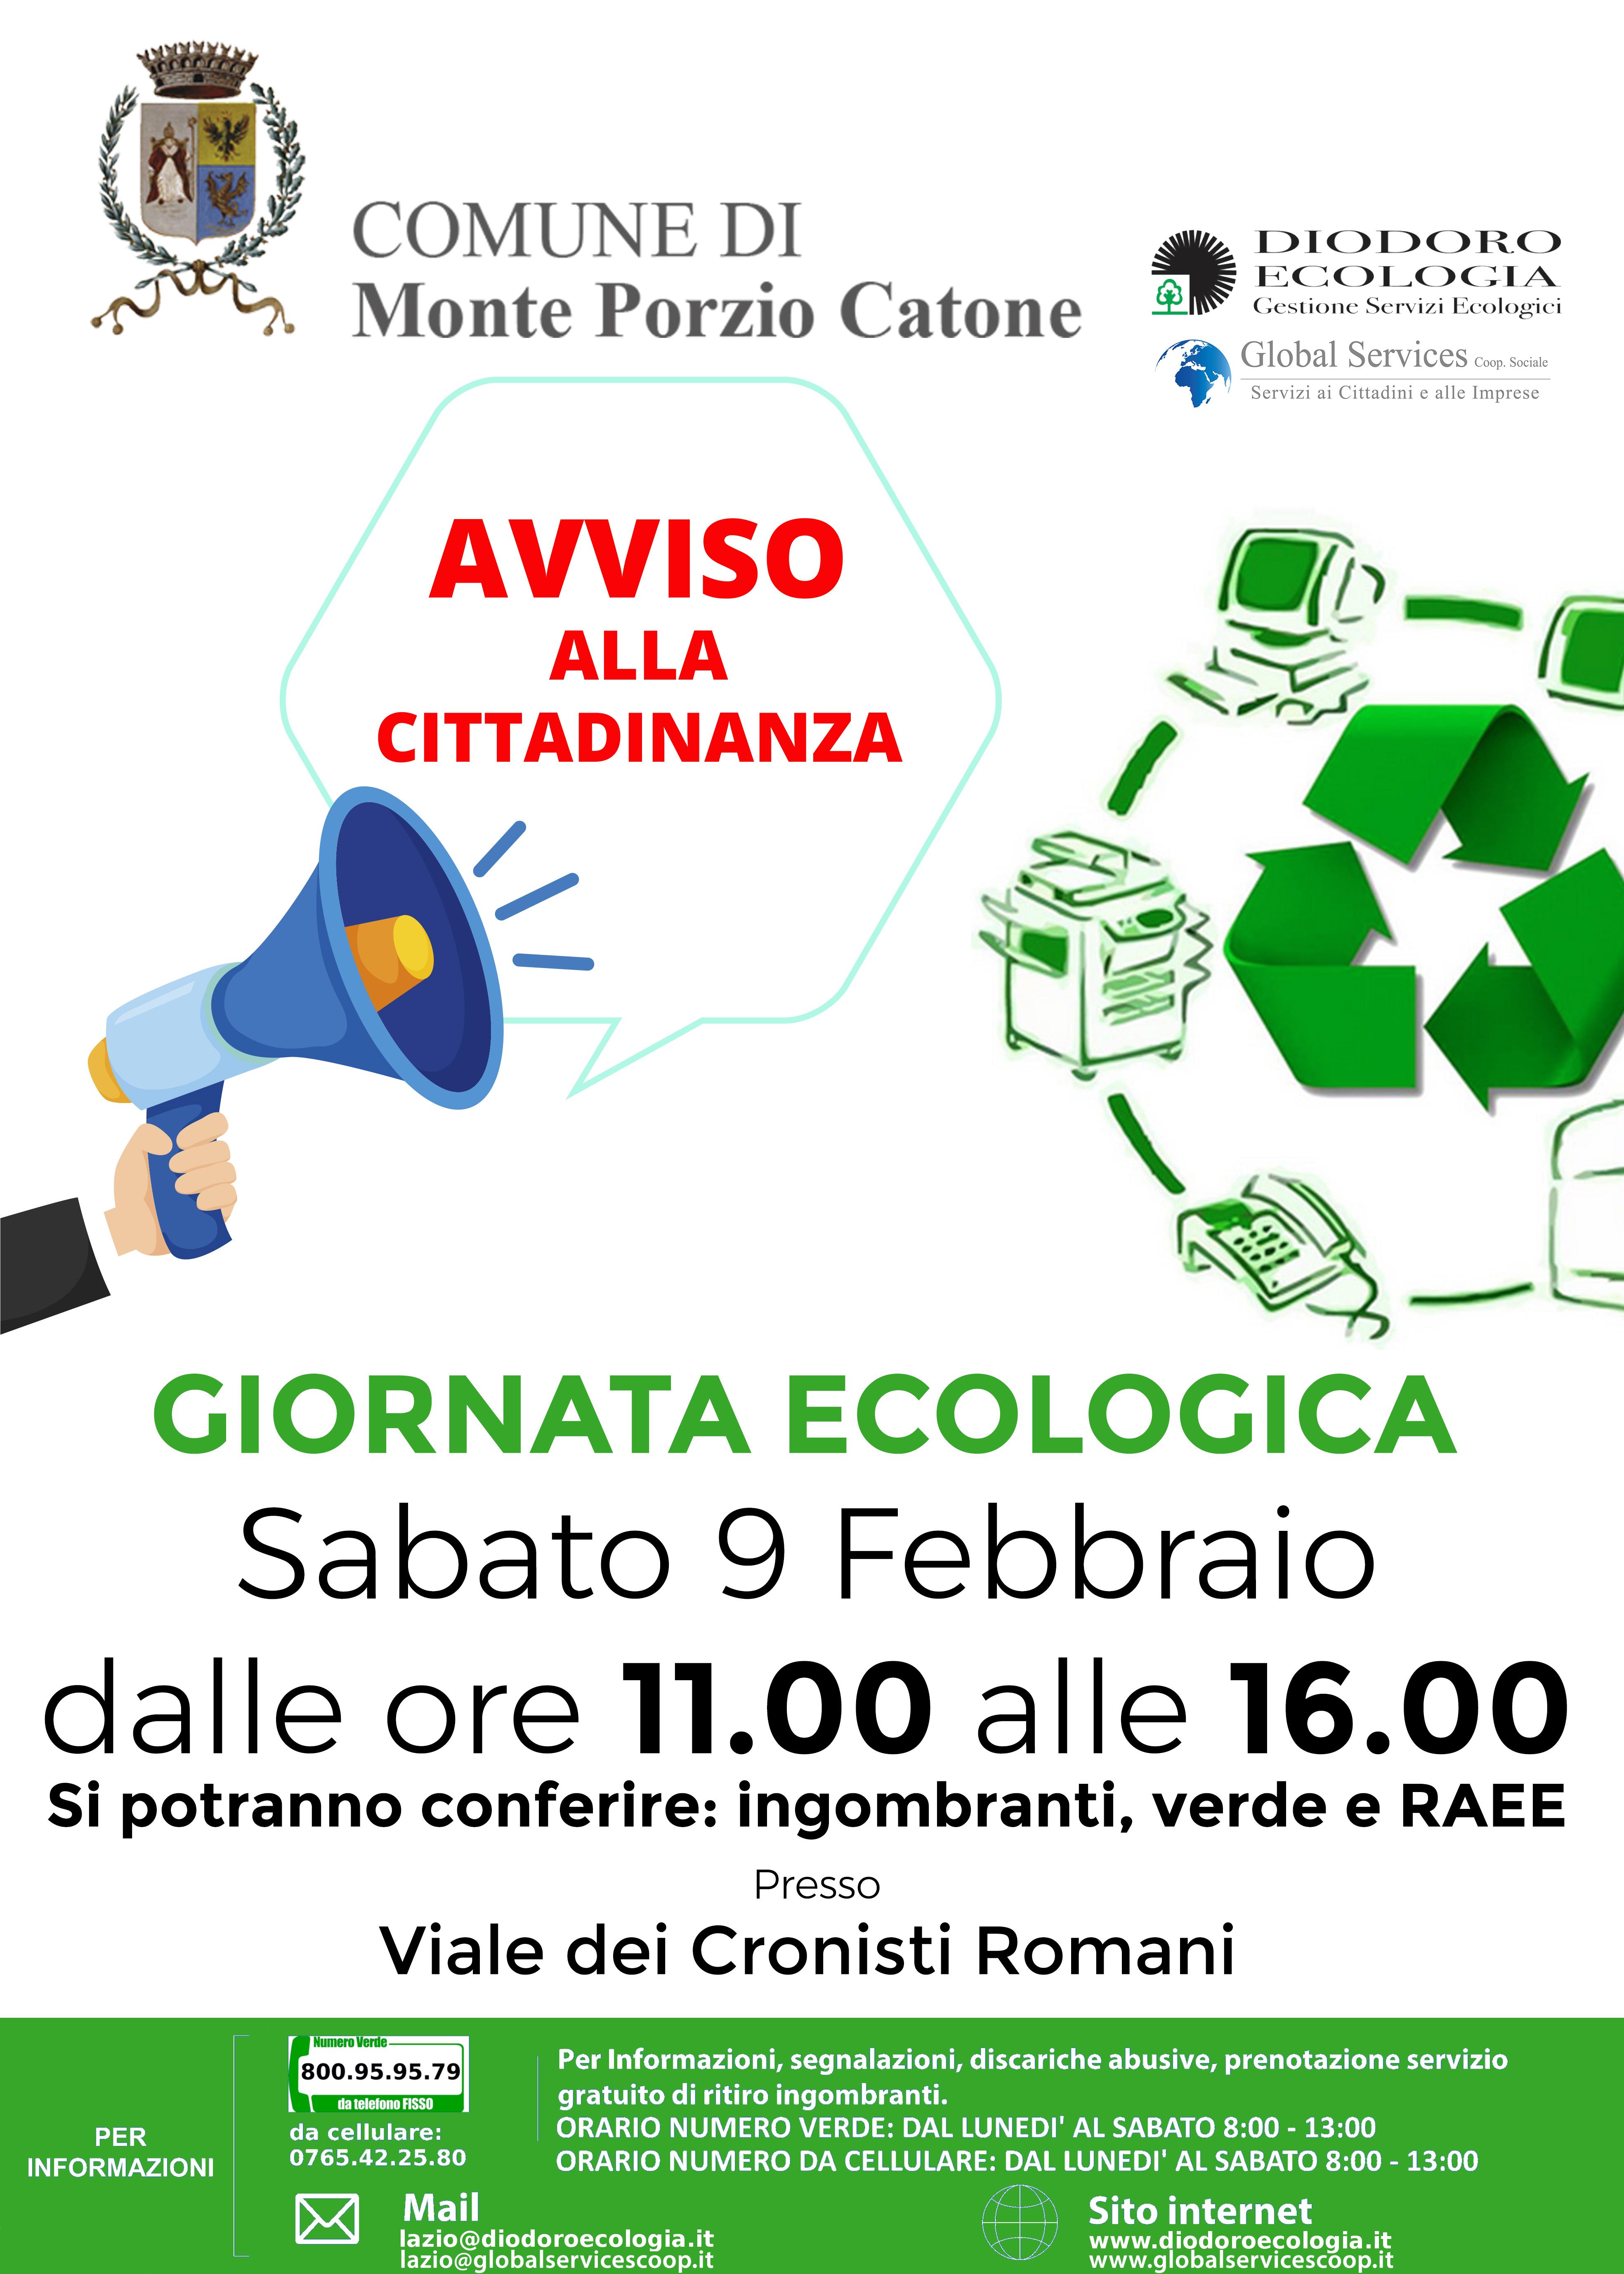 Giornata Ecologica Monte Porzio Catone